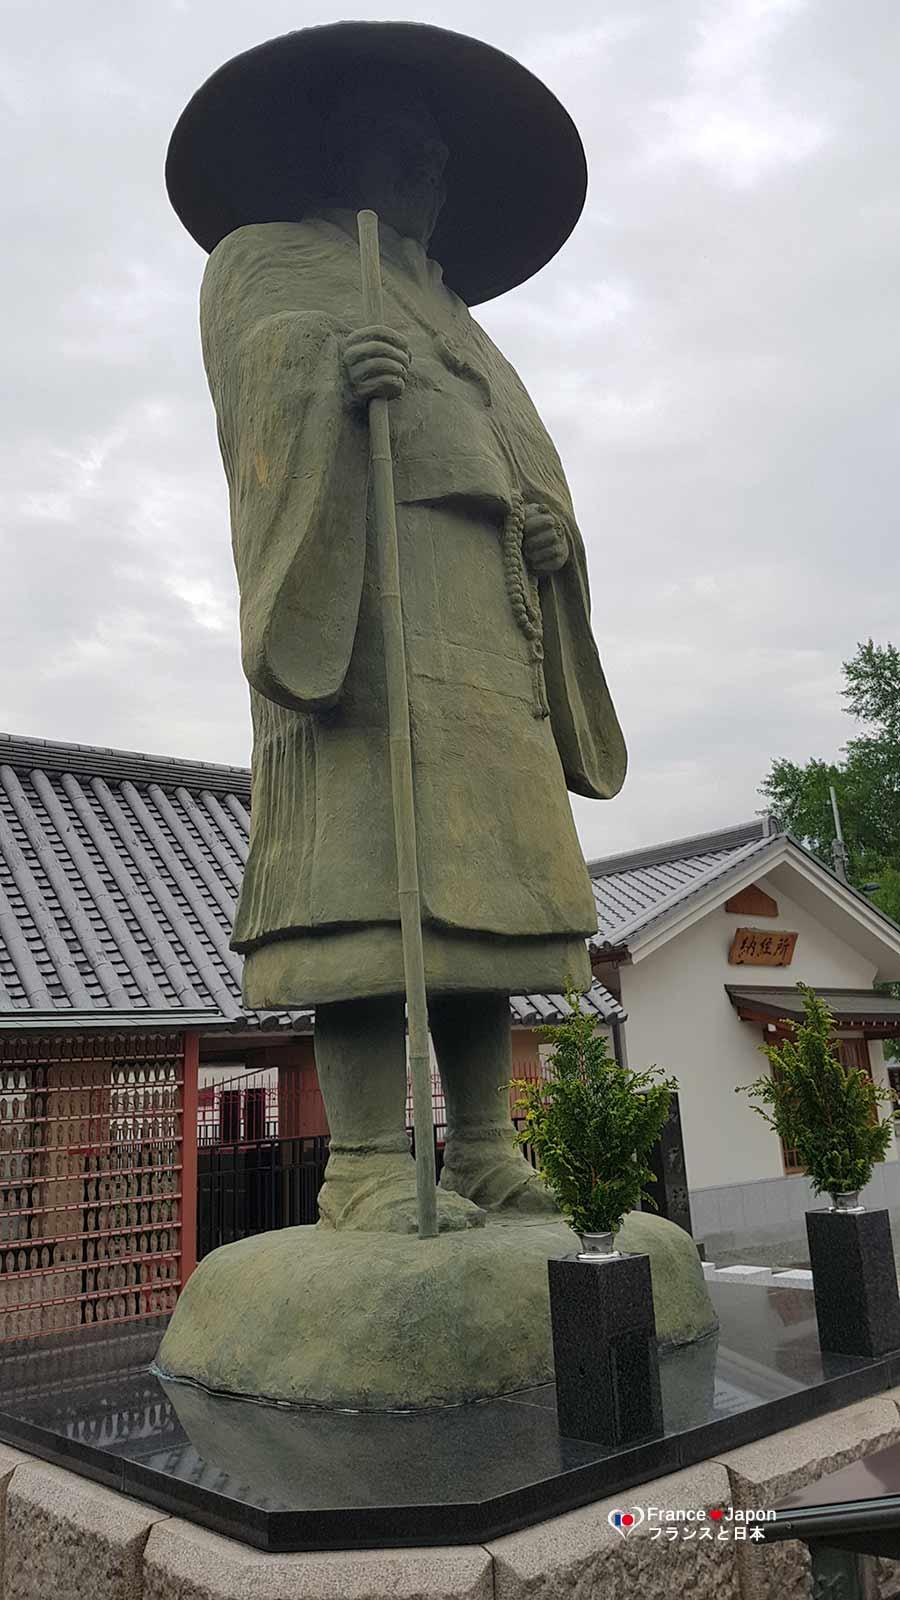 france voyage japon visiter temple shitennoji osaka Shitenno ji